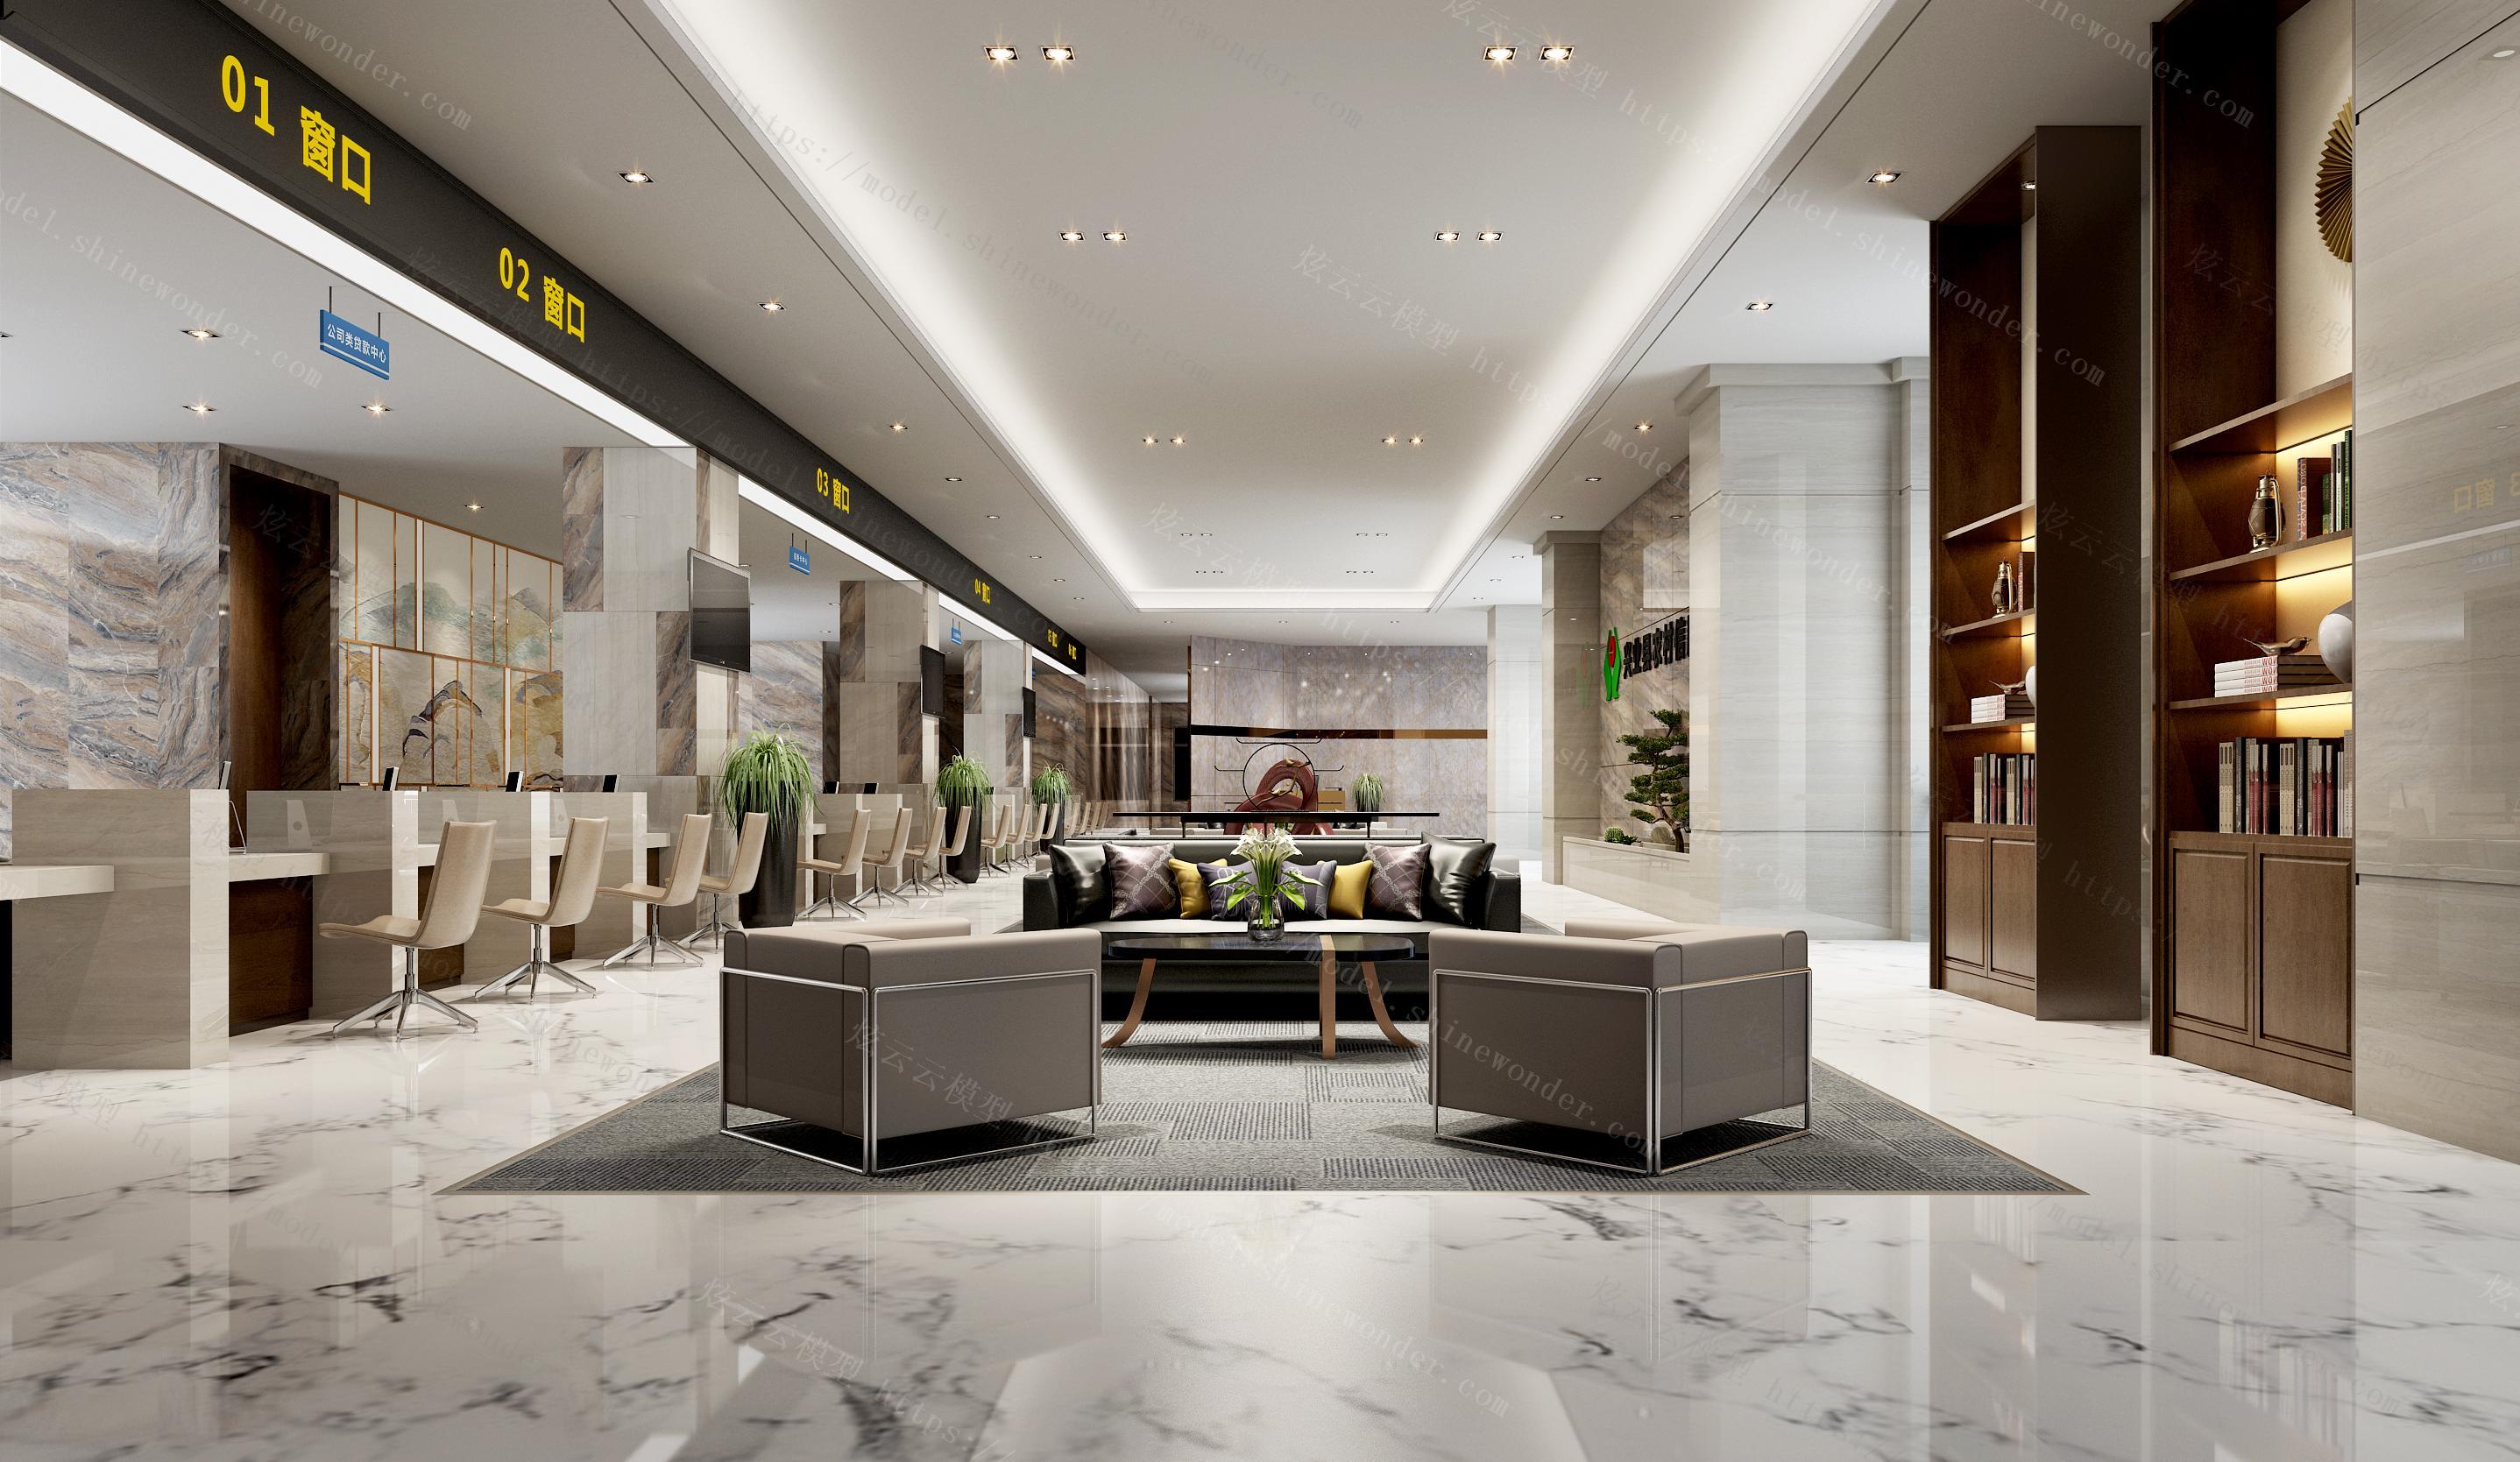 银行公共办事大厅模型